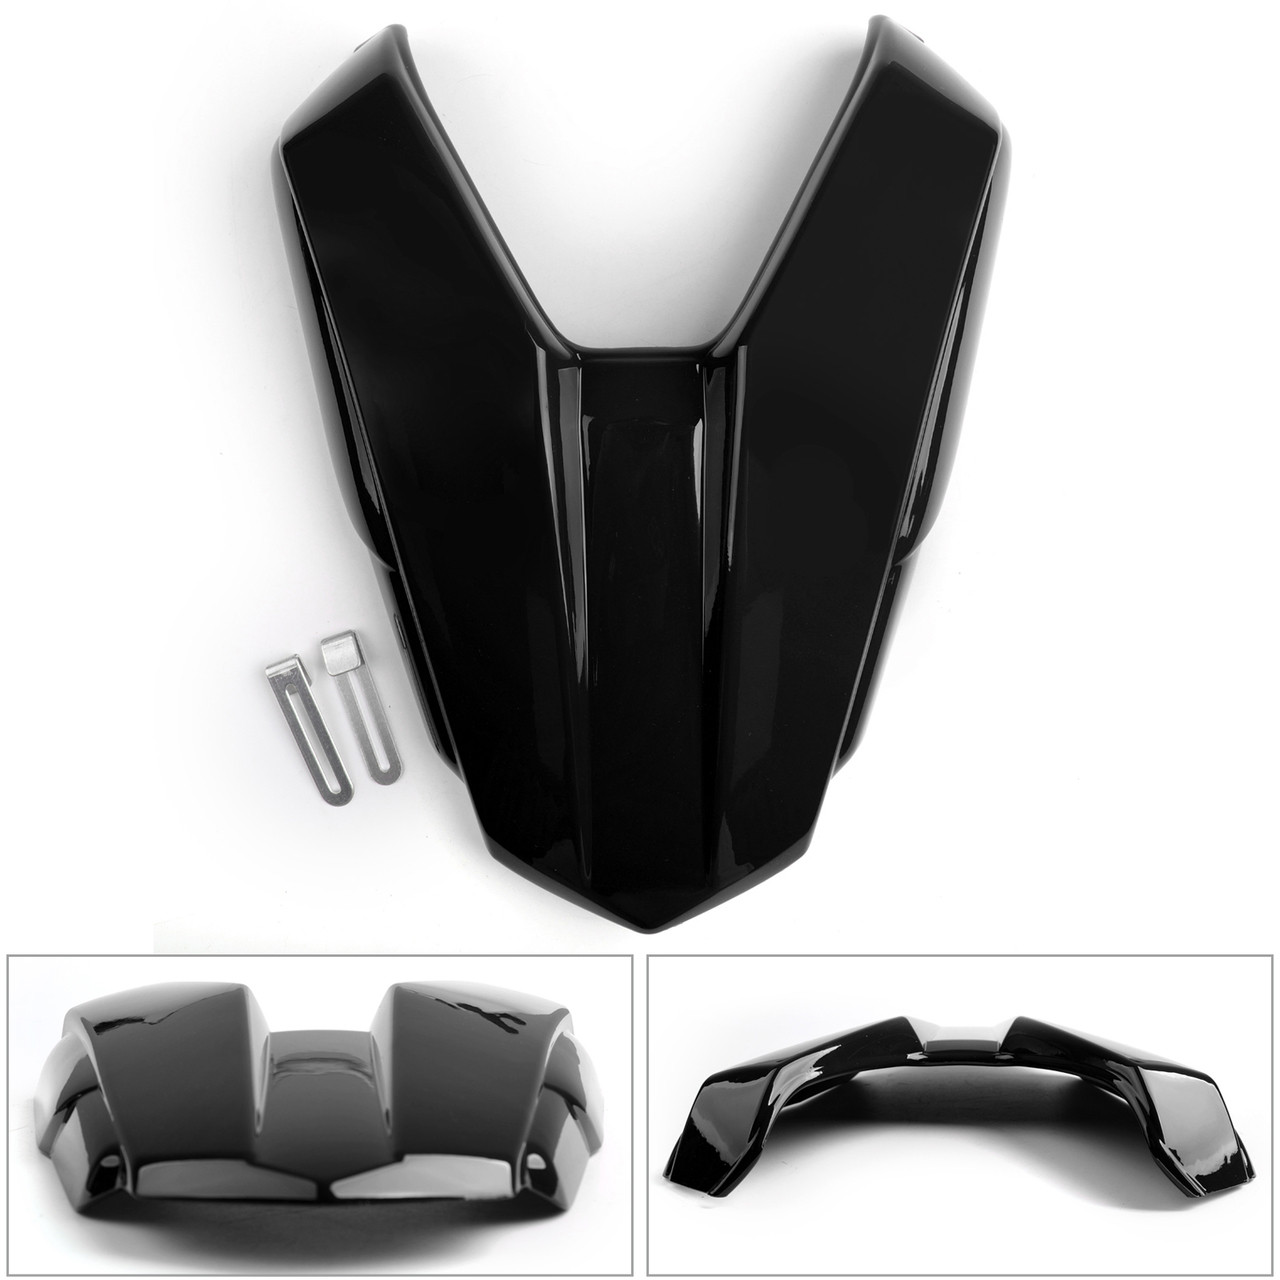 Rear Seat Passenger Cover Cowl Fairing For Honda CB500F 16-2018 CBR500R 2016-19 Black